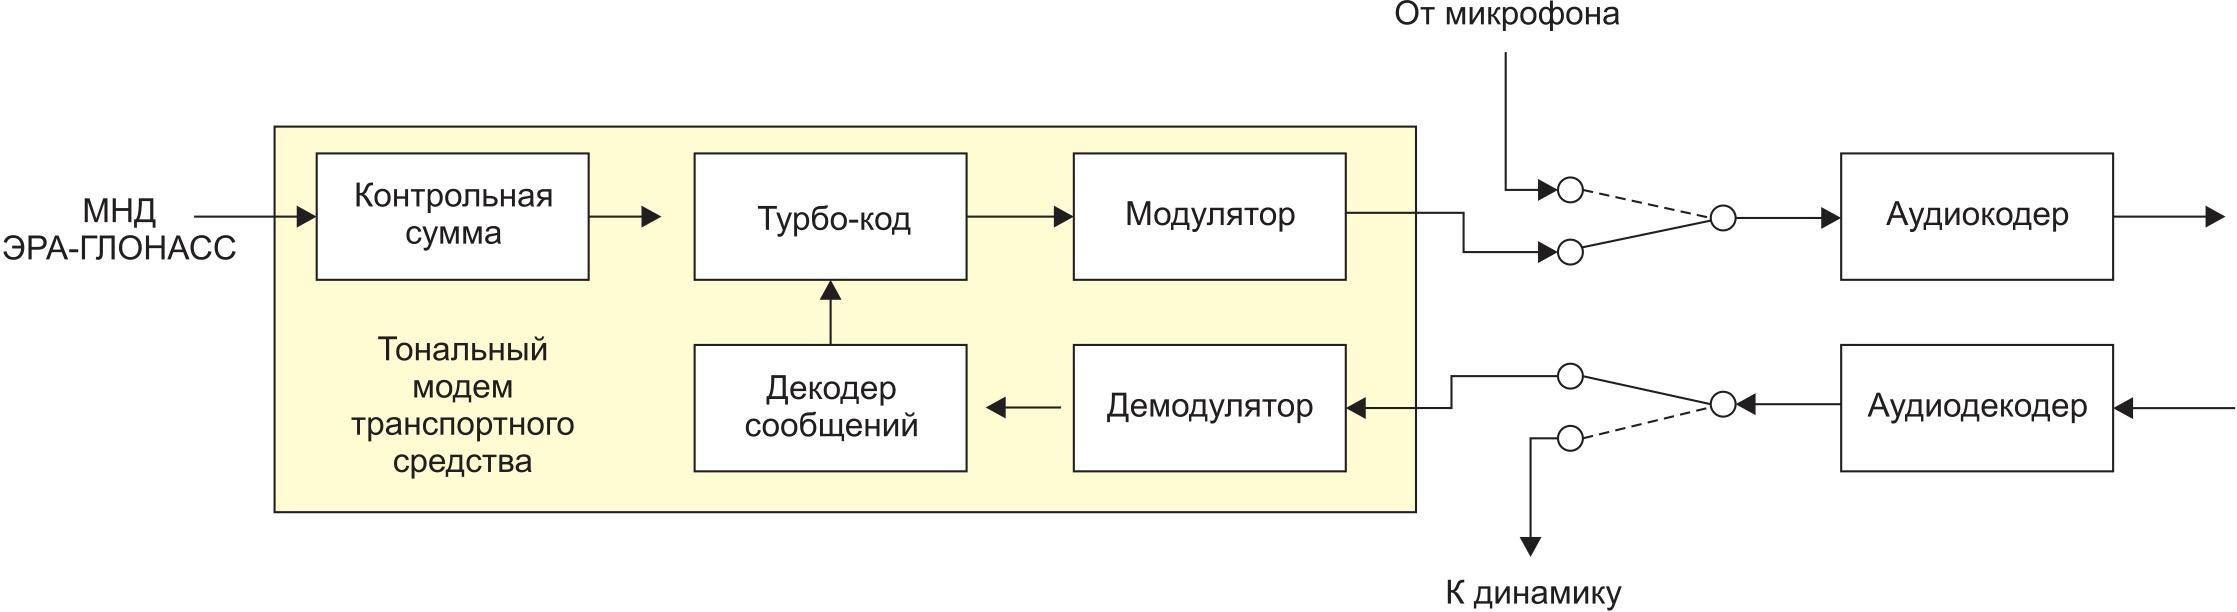 Упрощенная структурная схема автомобильной части тонального модема